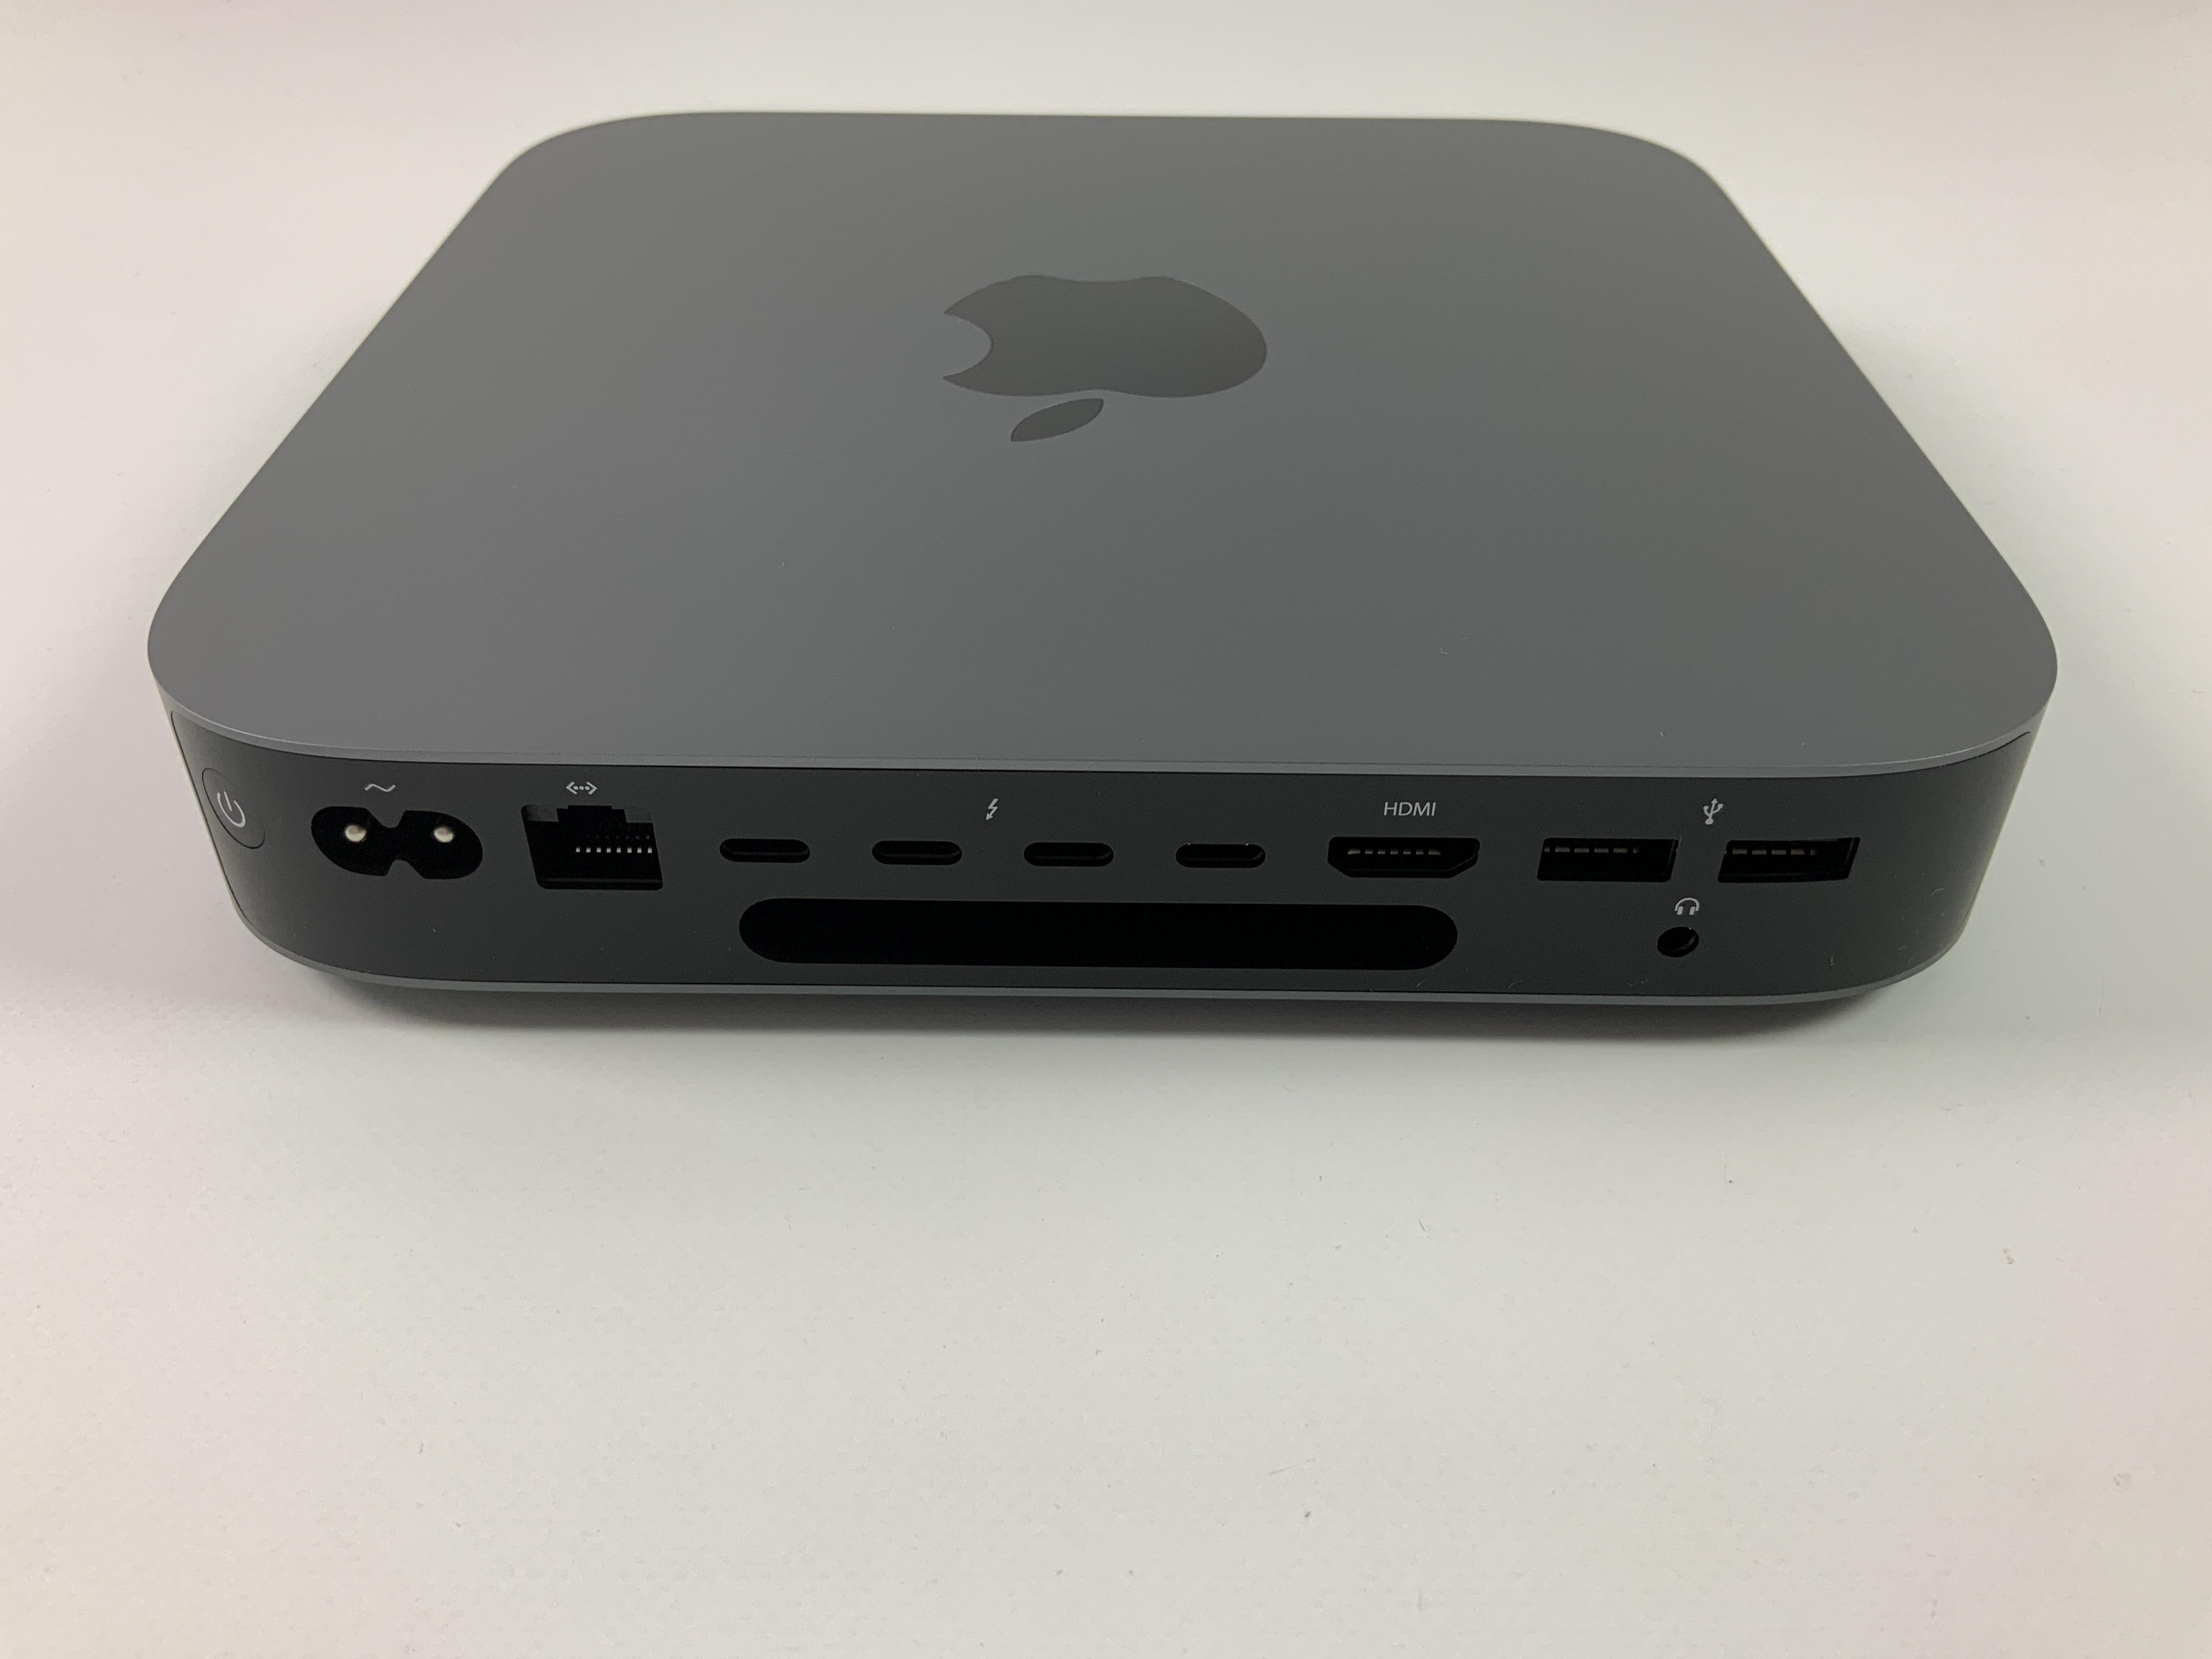 Mac Mini Early 2020 (Intel 6-Core i5 3.0 GHz 8 GB RAM 512 GB SSD), Intel 6-Core i5 3.0 GHz, 8 GB RAM, 512 GB SSD, immagine 4